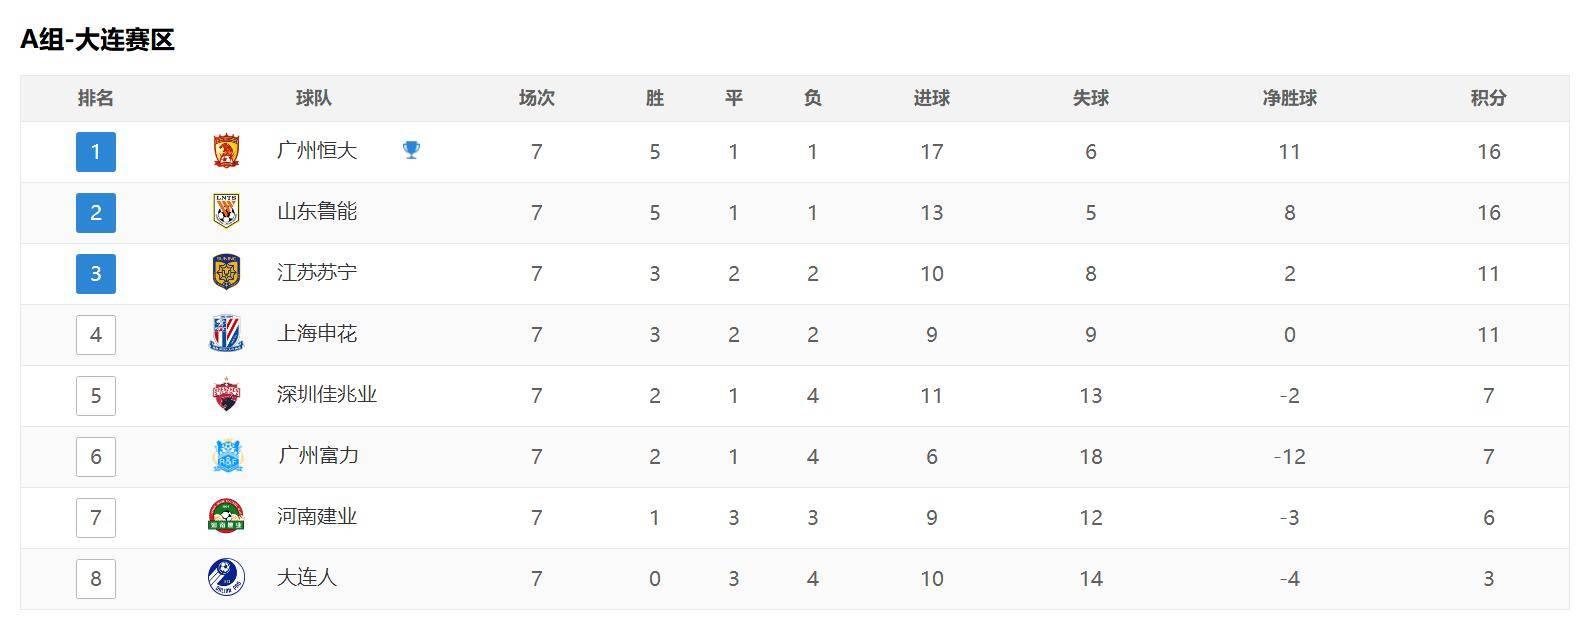 原创             中超最新积分榜:申花0-0平建业居第三,A组形成三大集团